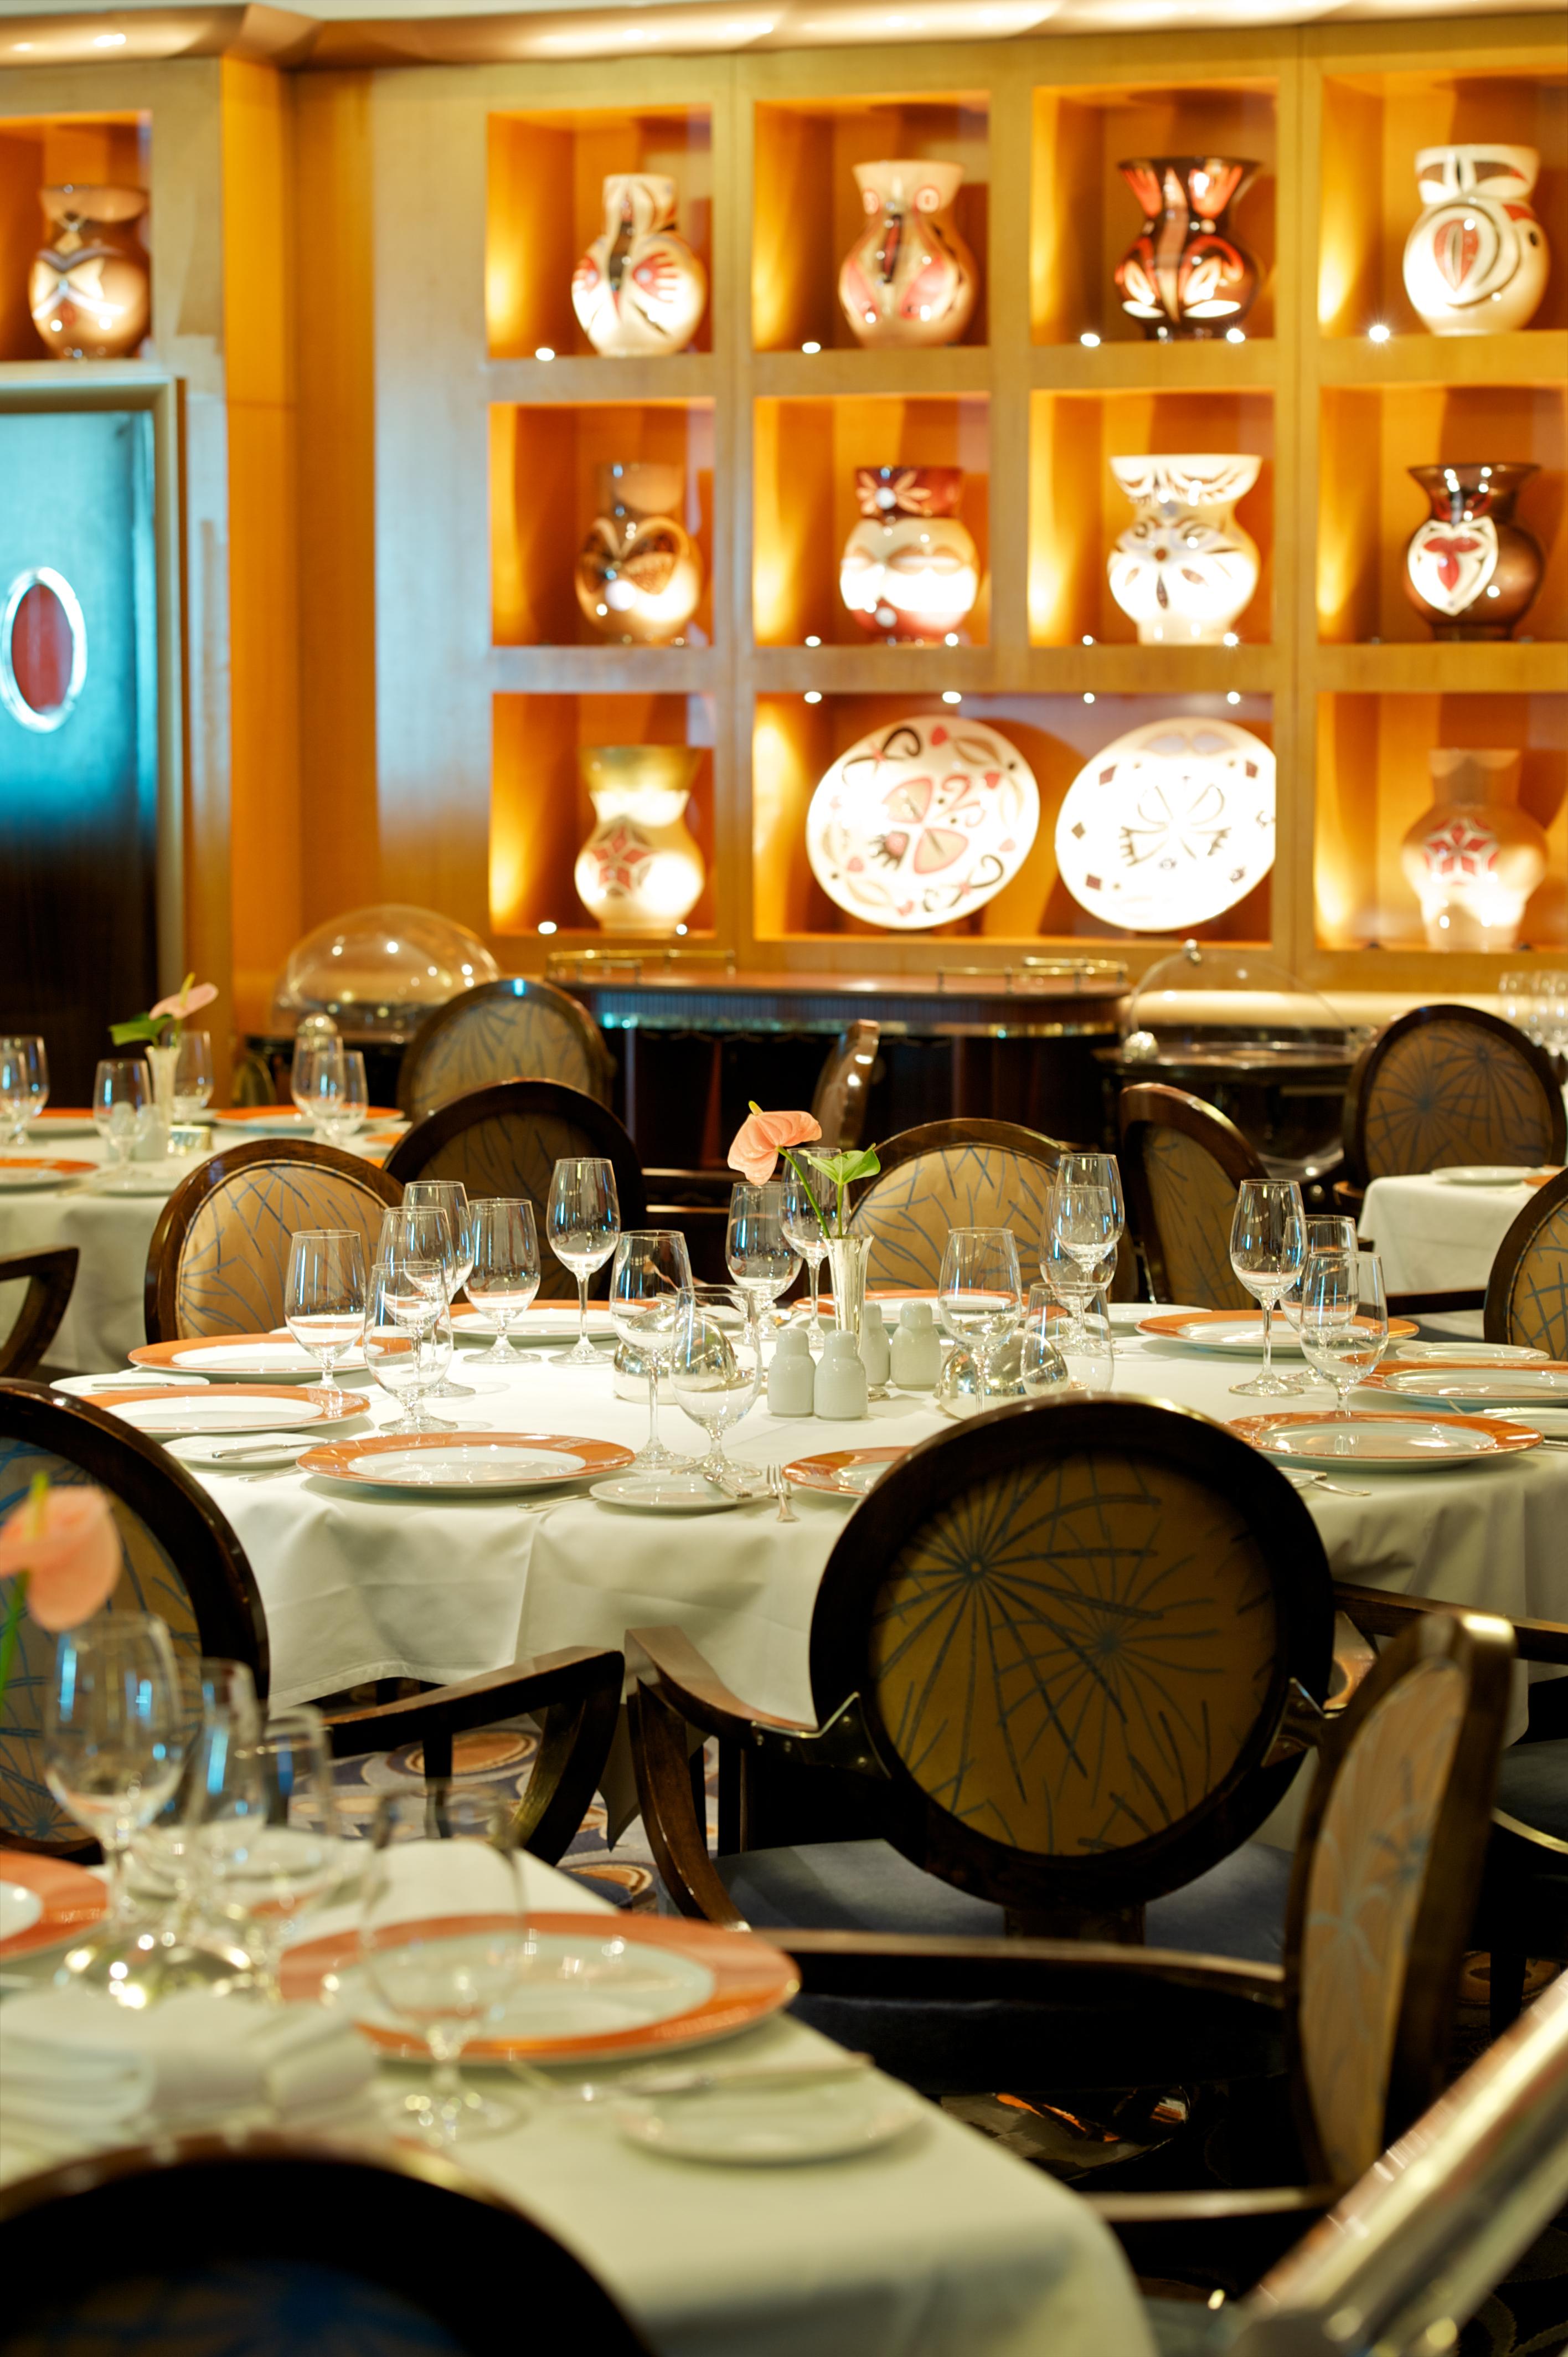 Paul Gauguin MS Paul Gauguin L'Etoile Restaurant 1.jpg